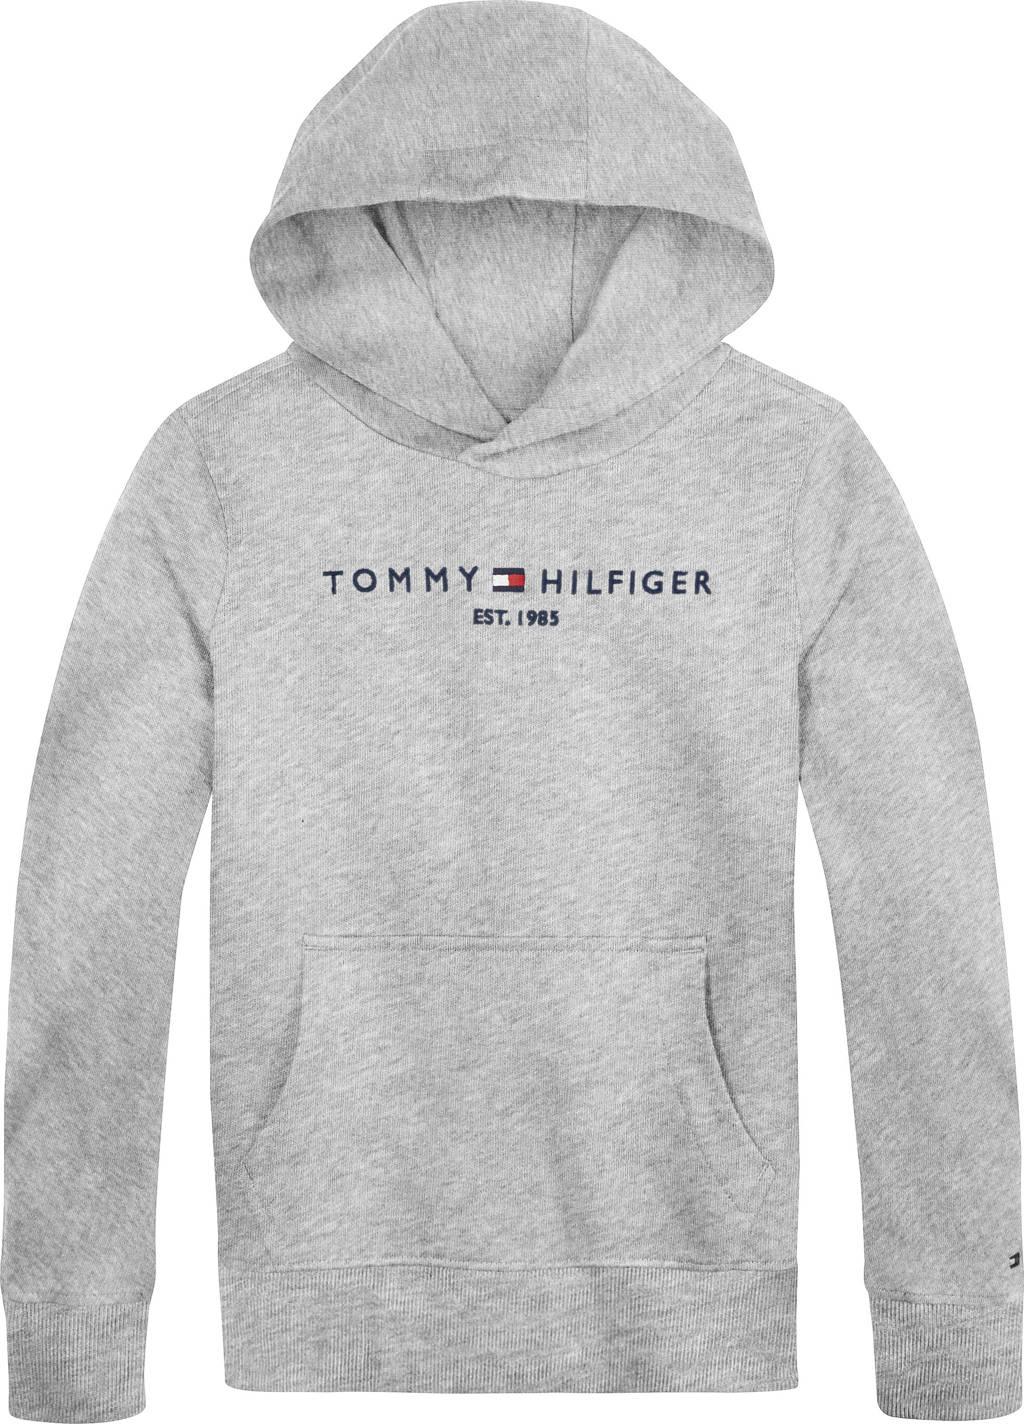 Tommy Hilfiger unisex sweater met logo lichtgrijs, Lichtgrijs